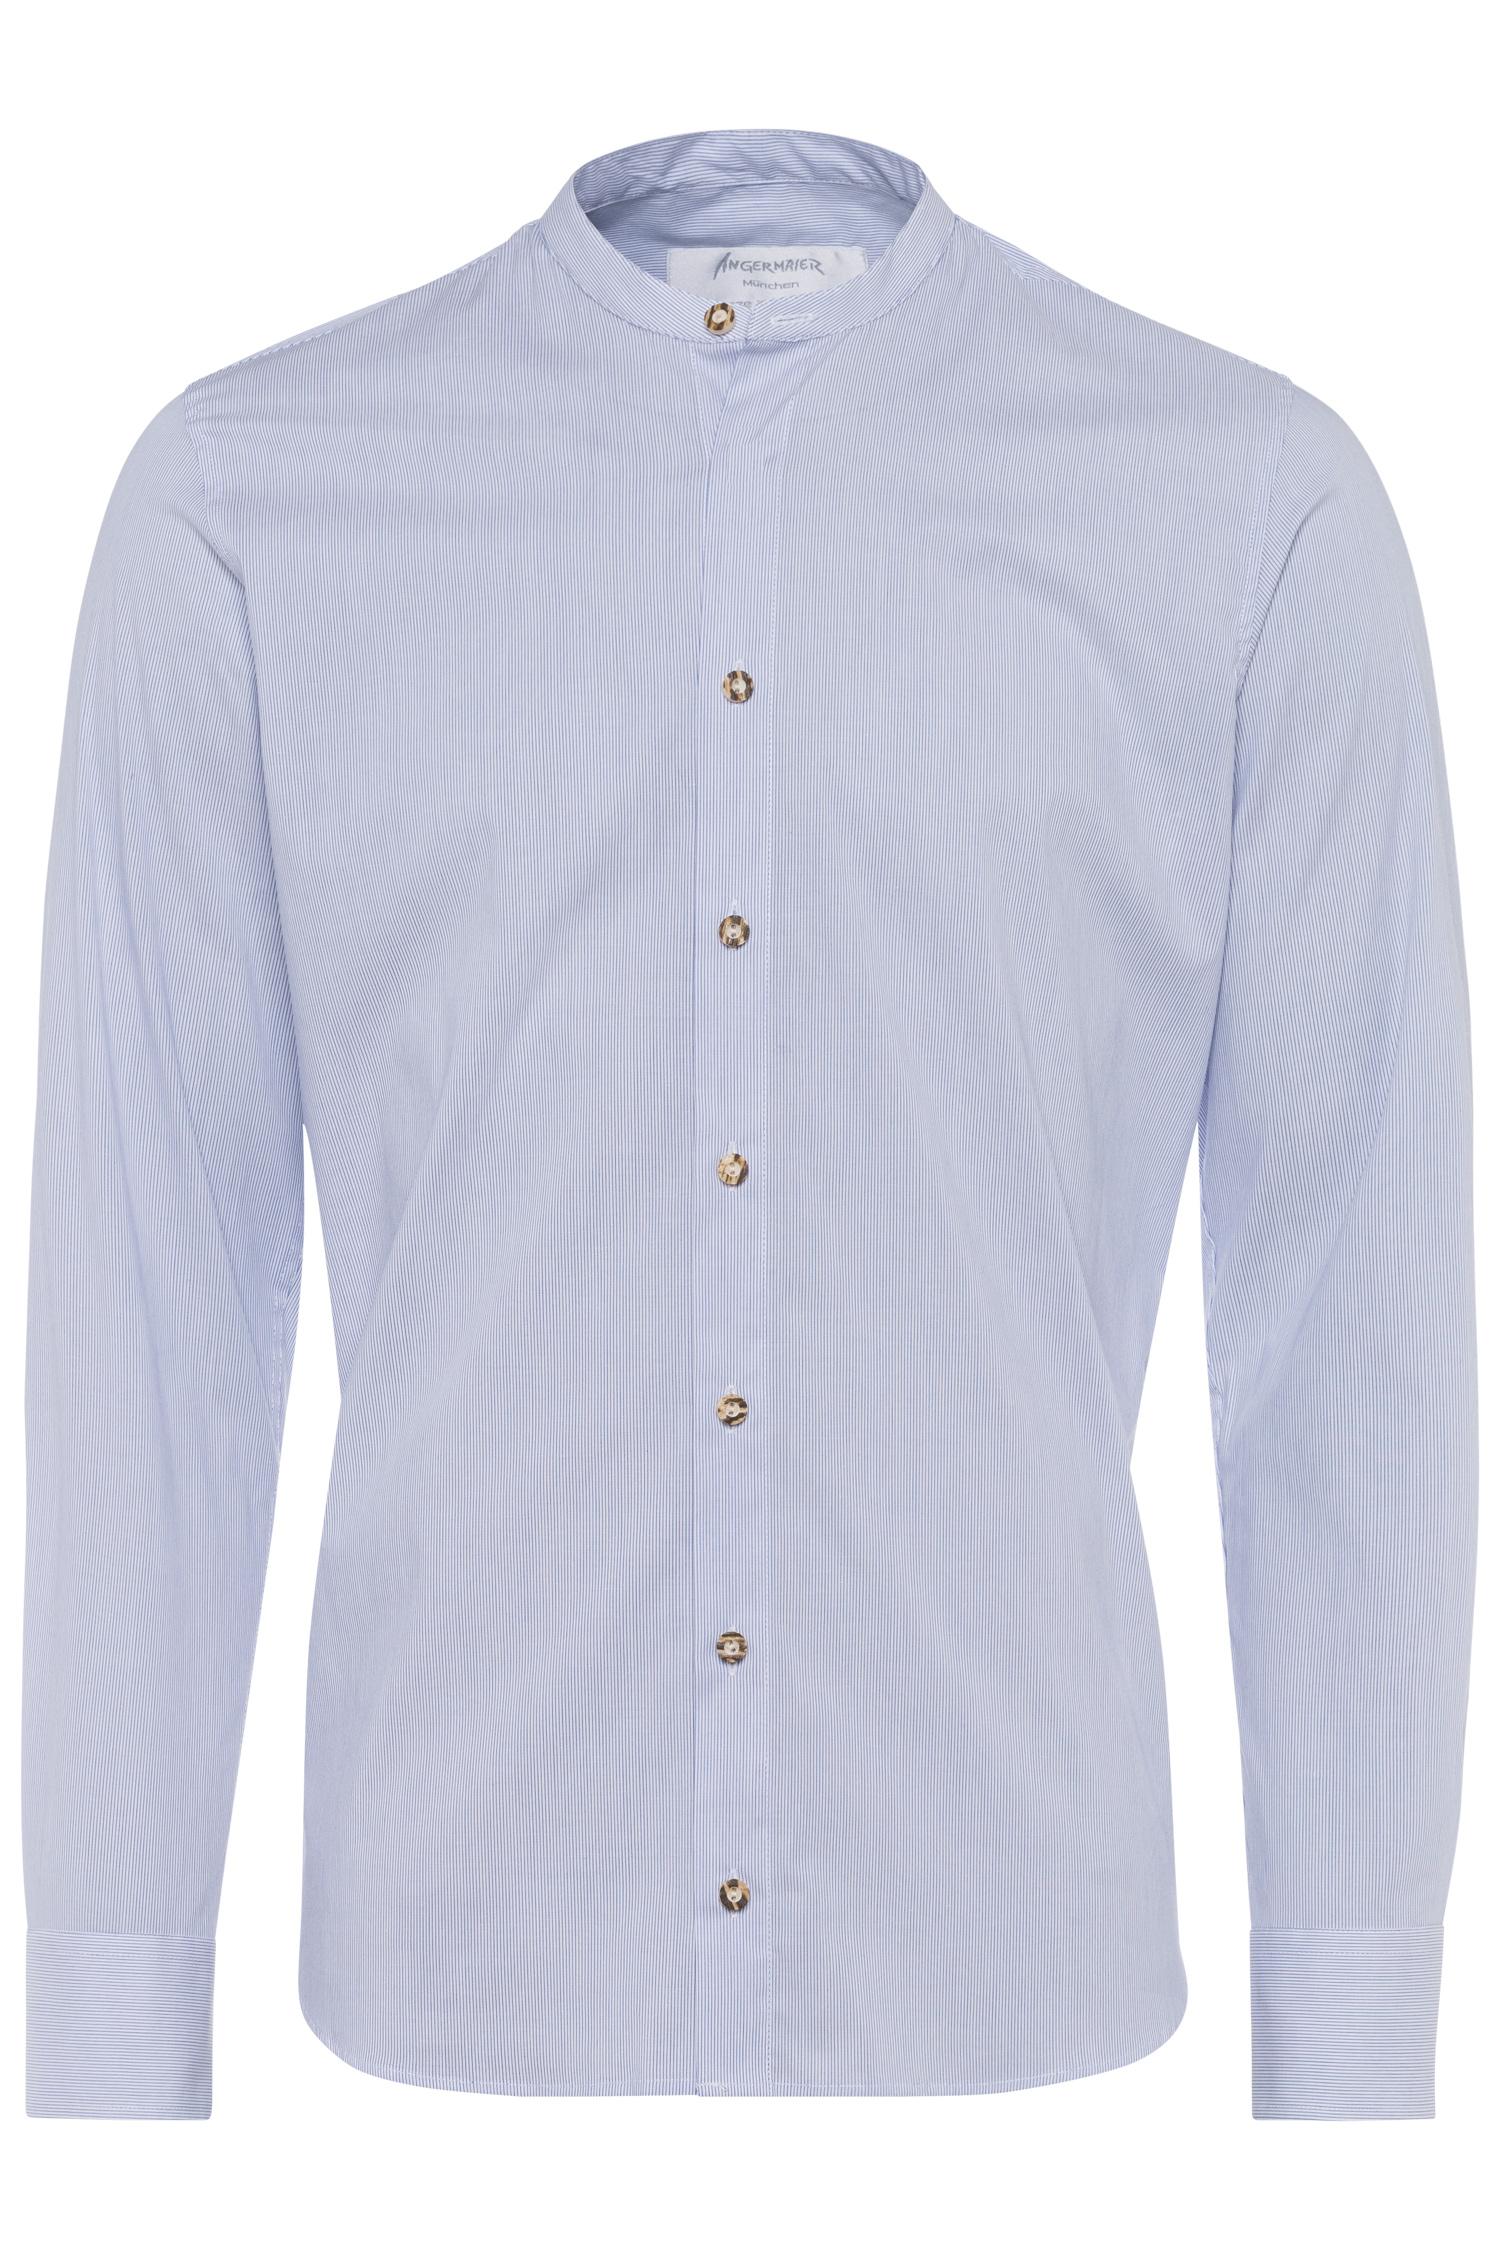 Kragenloses Hemd mit feinen Streifen